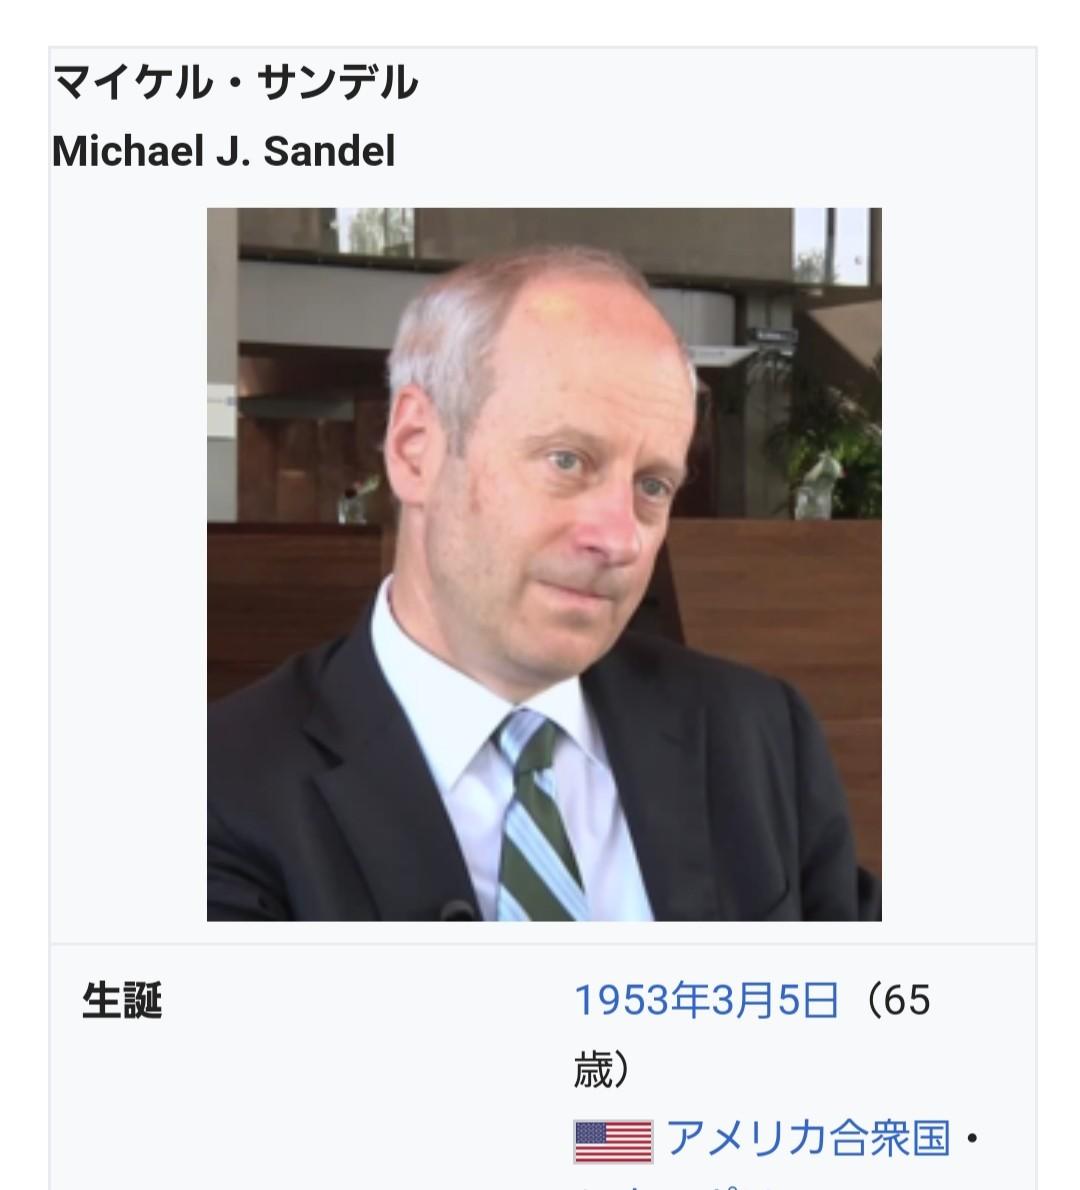 マイケルサンデル,ハーバード大学,白熱教室,哲学者,面白い,思想